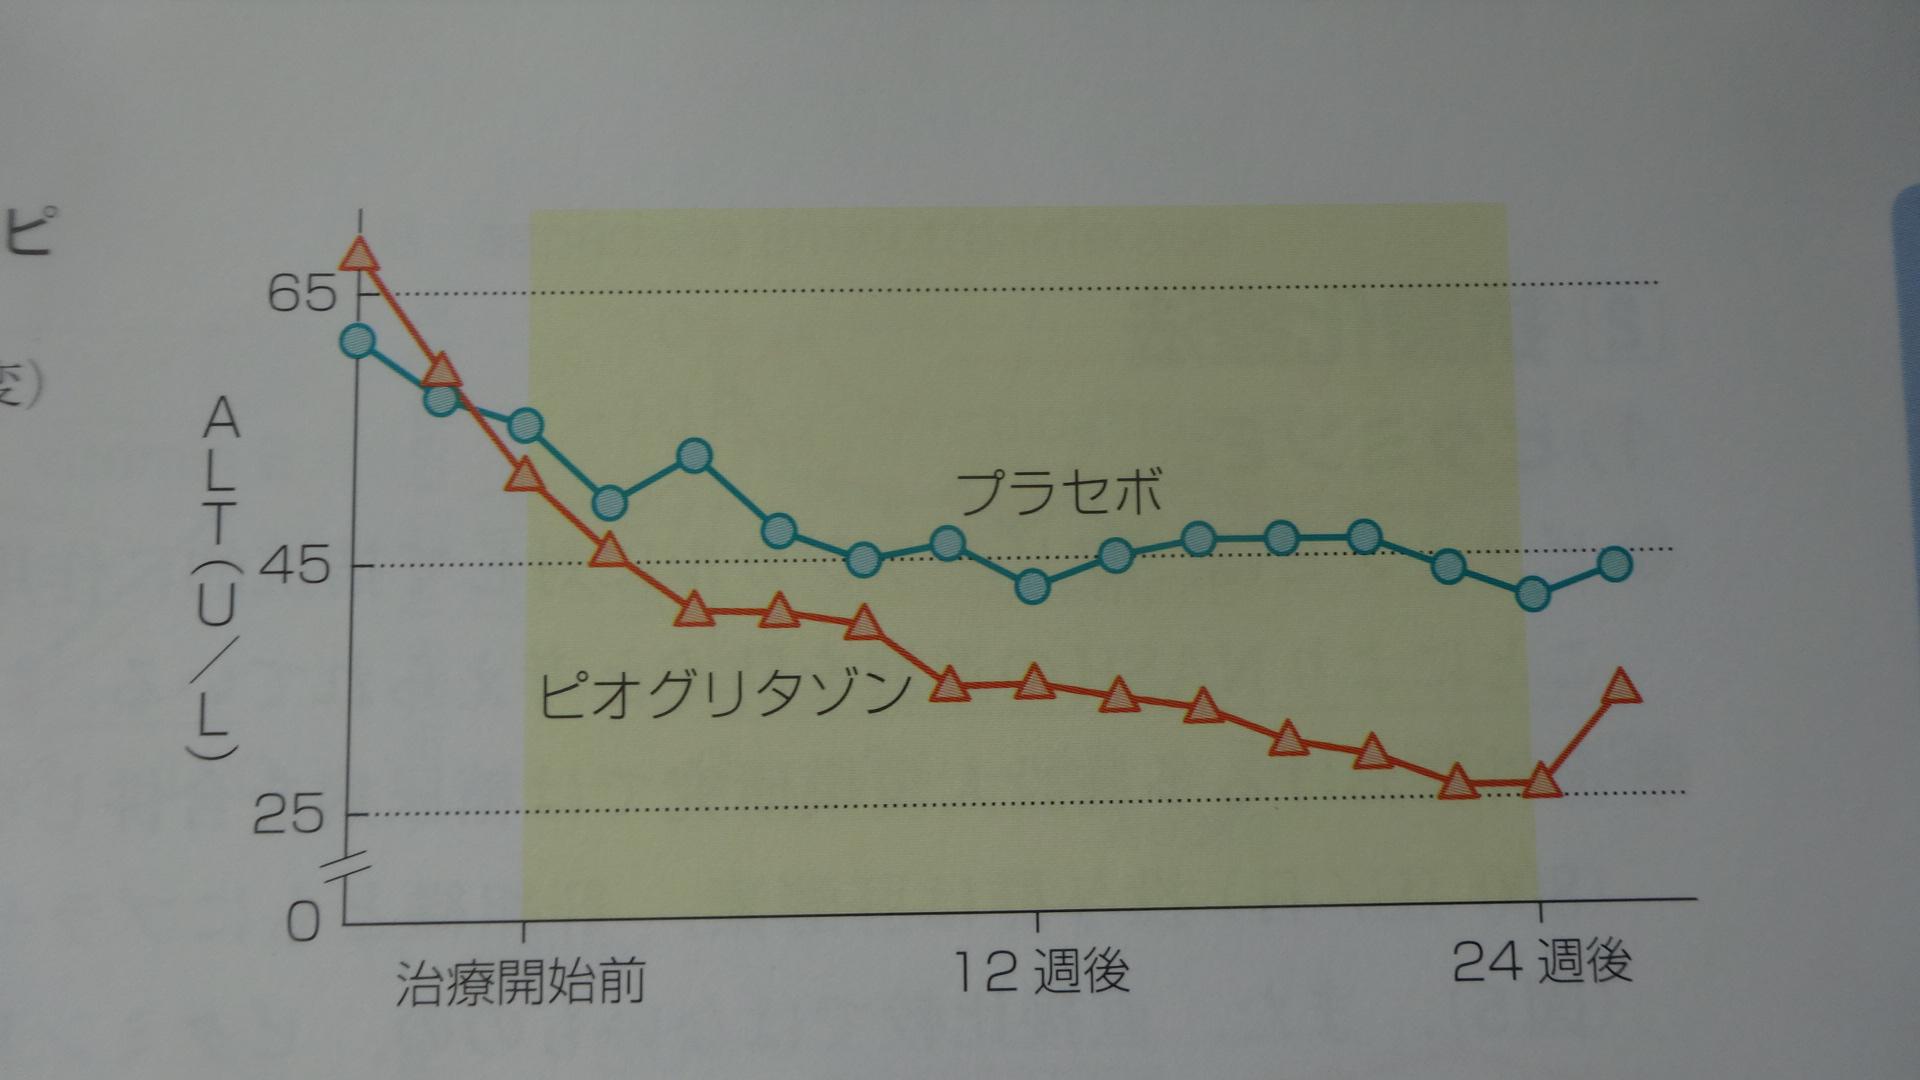 ピオグリタゾンによるALTの改善を示すグラフ